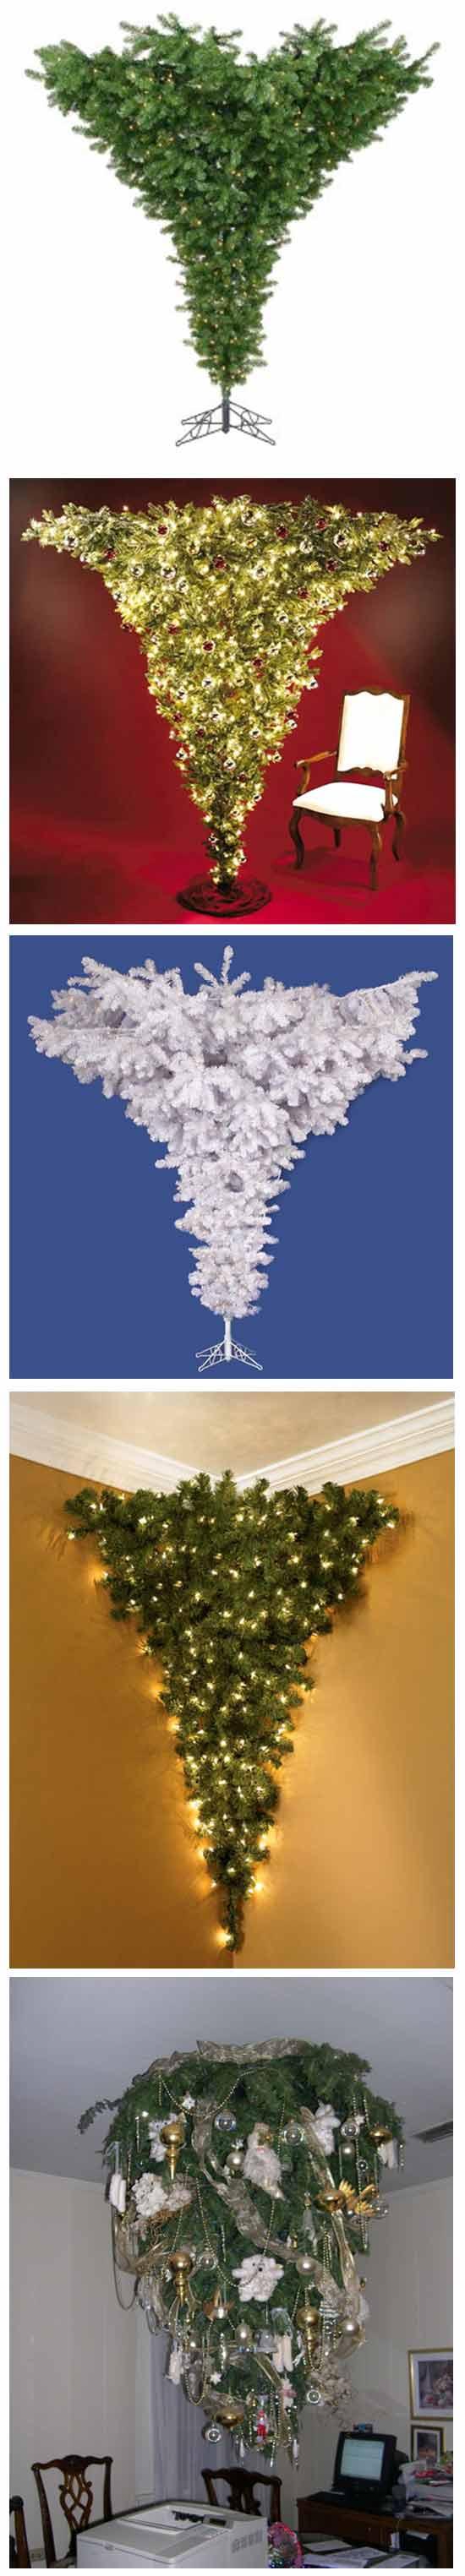 Идея новогоднего бизнеса: Перевернутая новогодняя елка